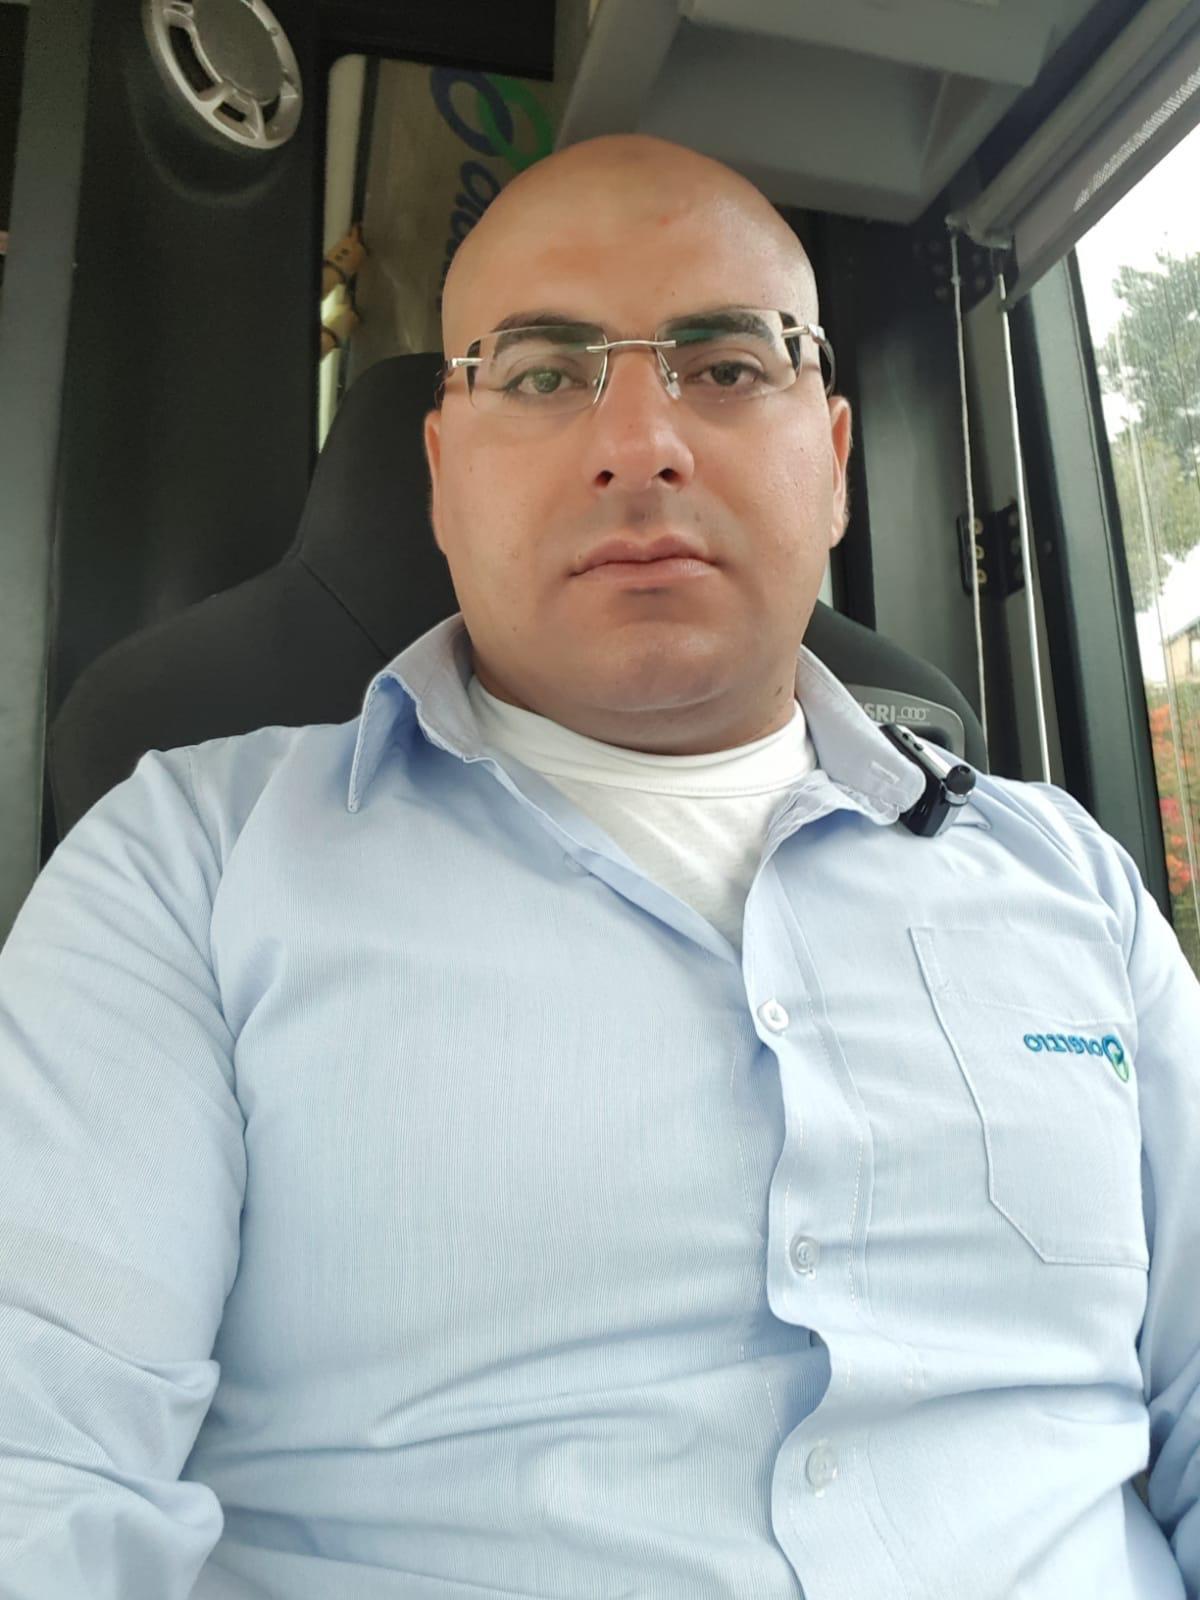 مرة أخرى هذا يحدث... اعتداء عنصري على سائق باص من دبورية